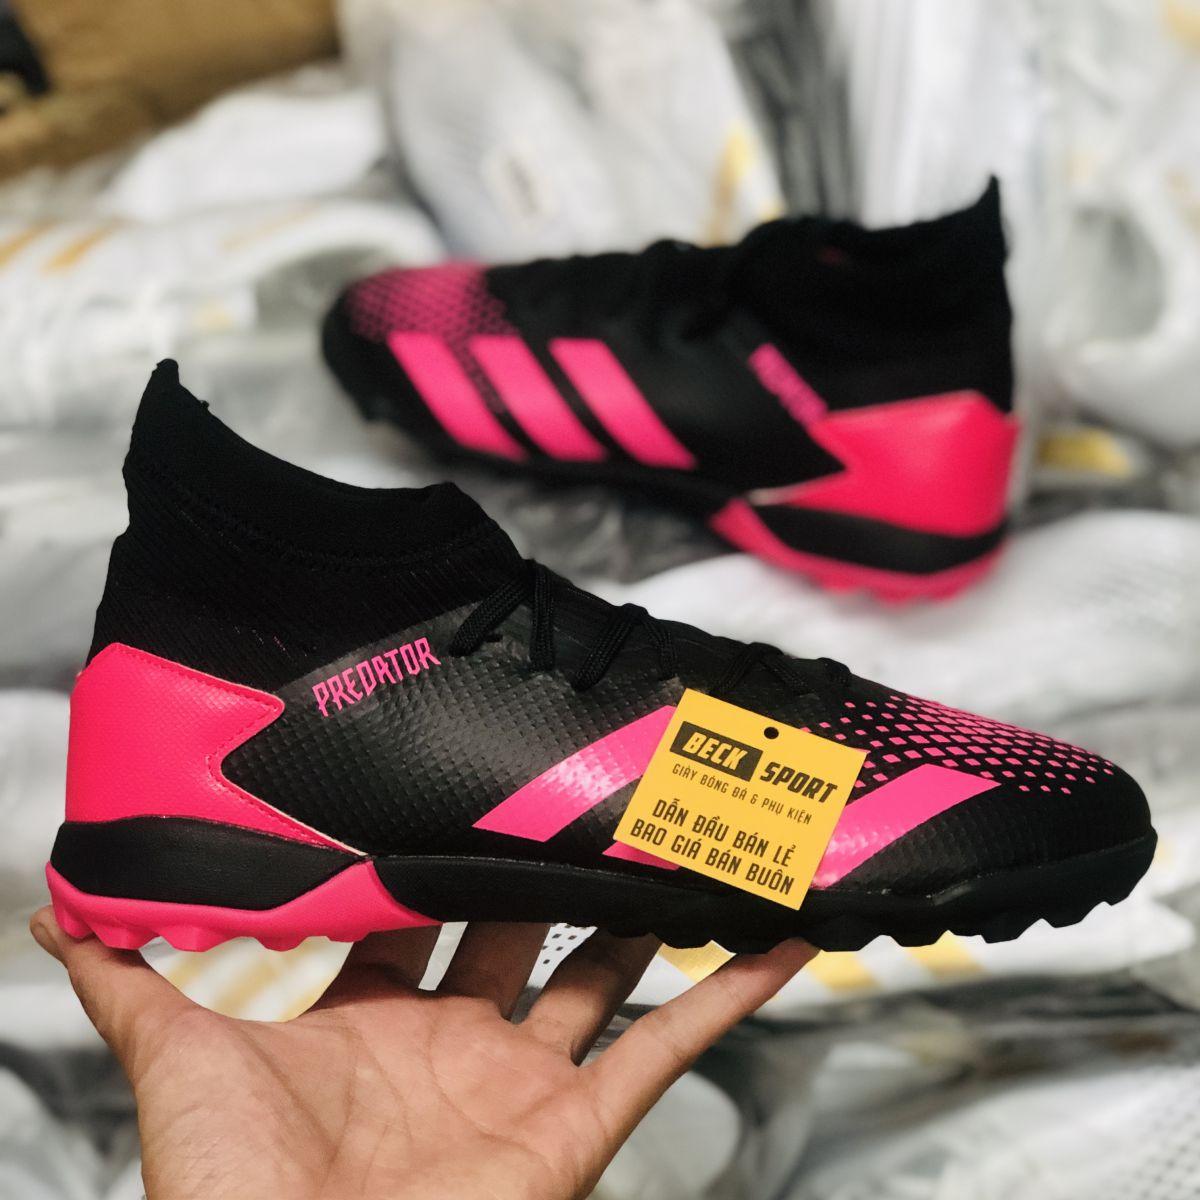 Giày Bóng Đá Adidas Predator 20.3 Đen Vạch Hồng Cổ Cao TF